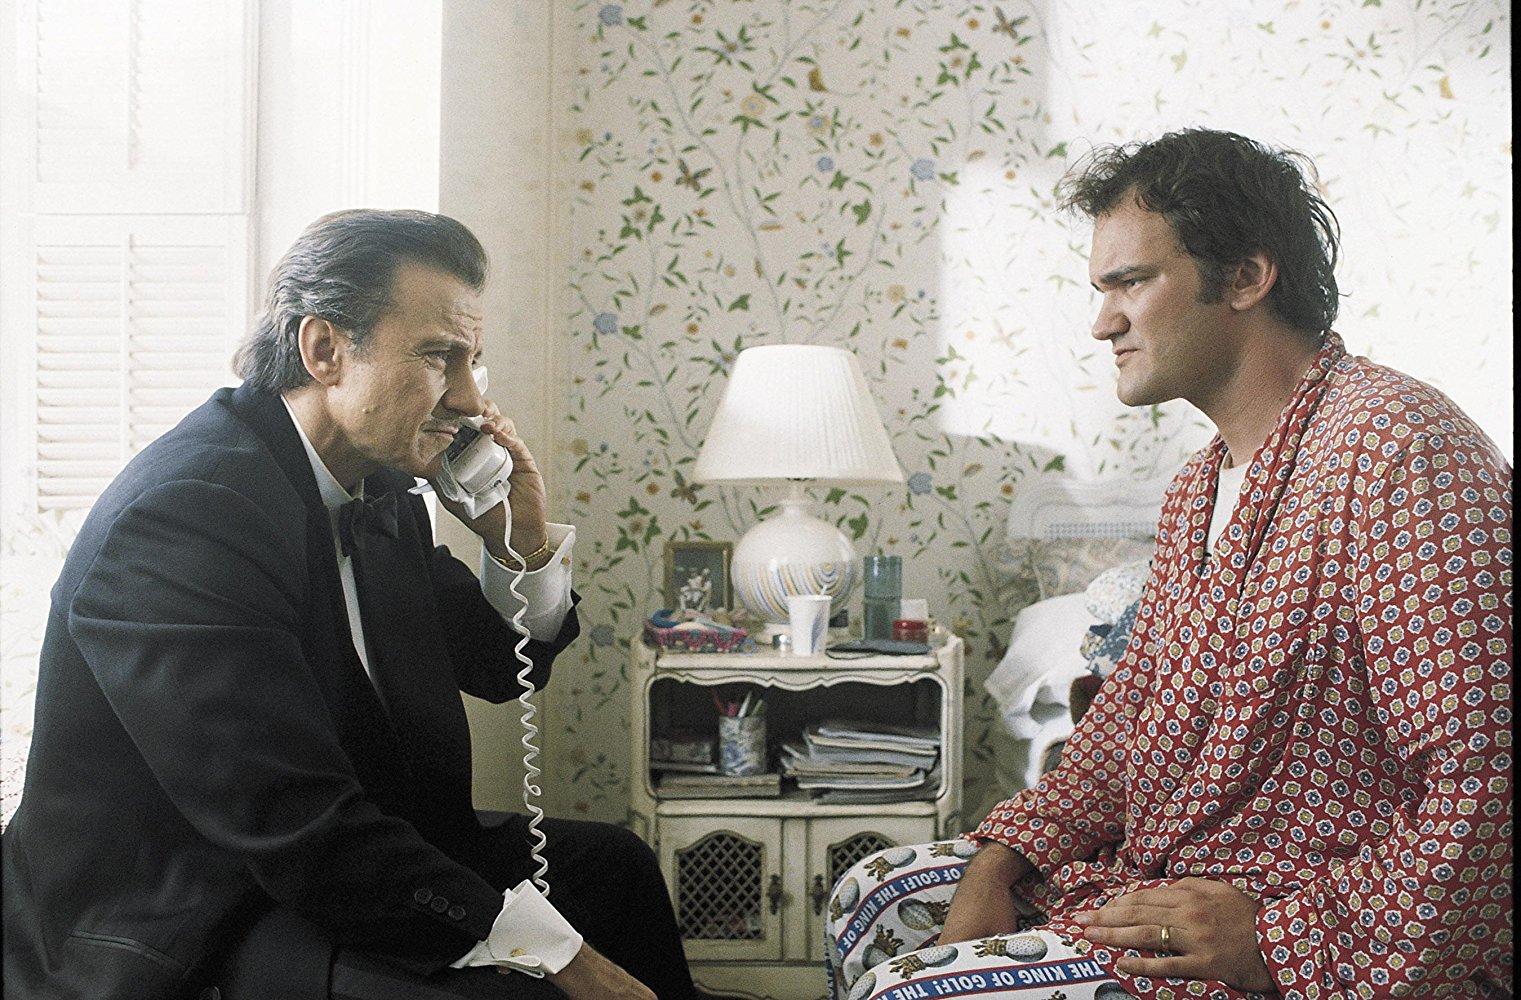 Le réalisateur prépare le film du siècle — Quentin Tarantino